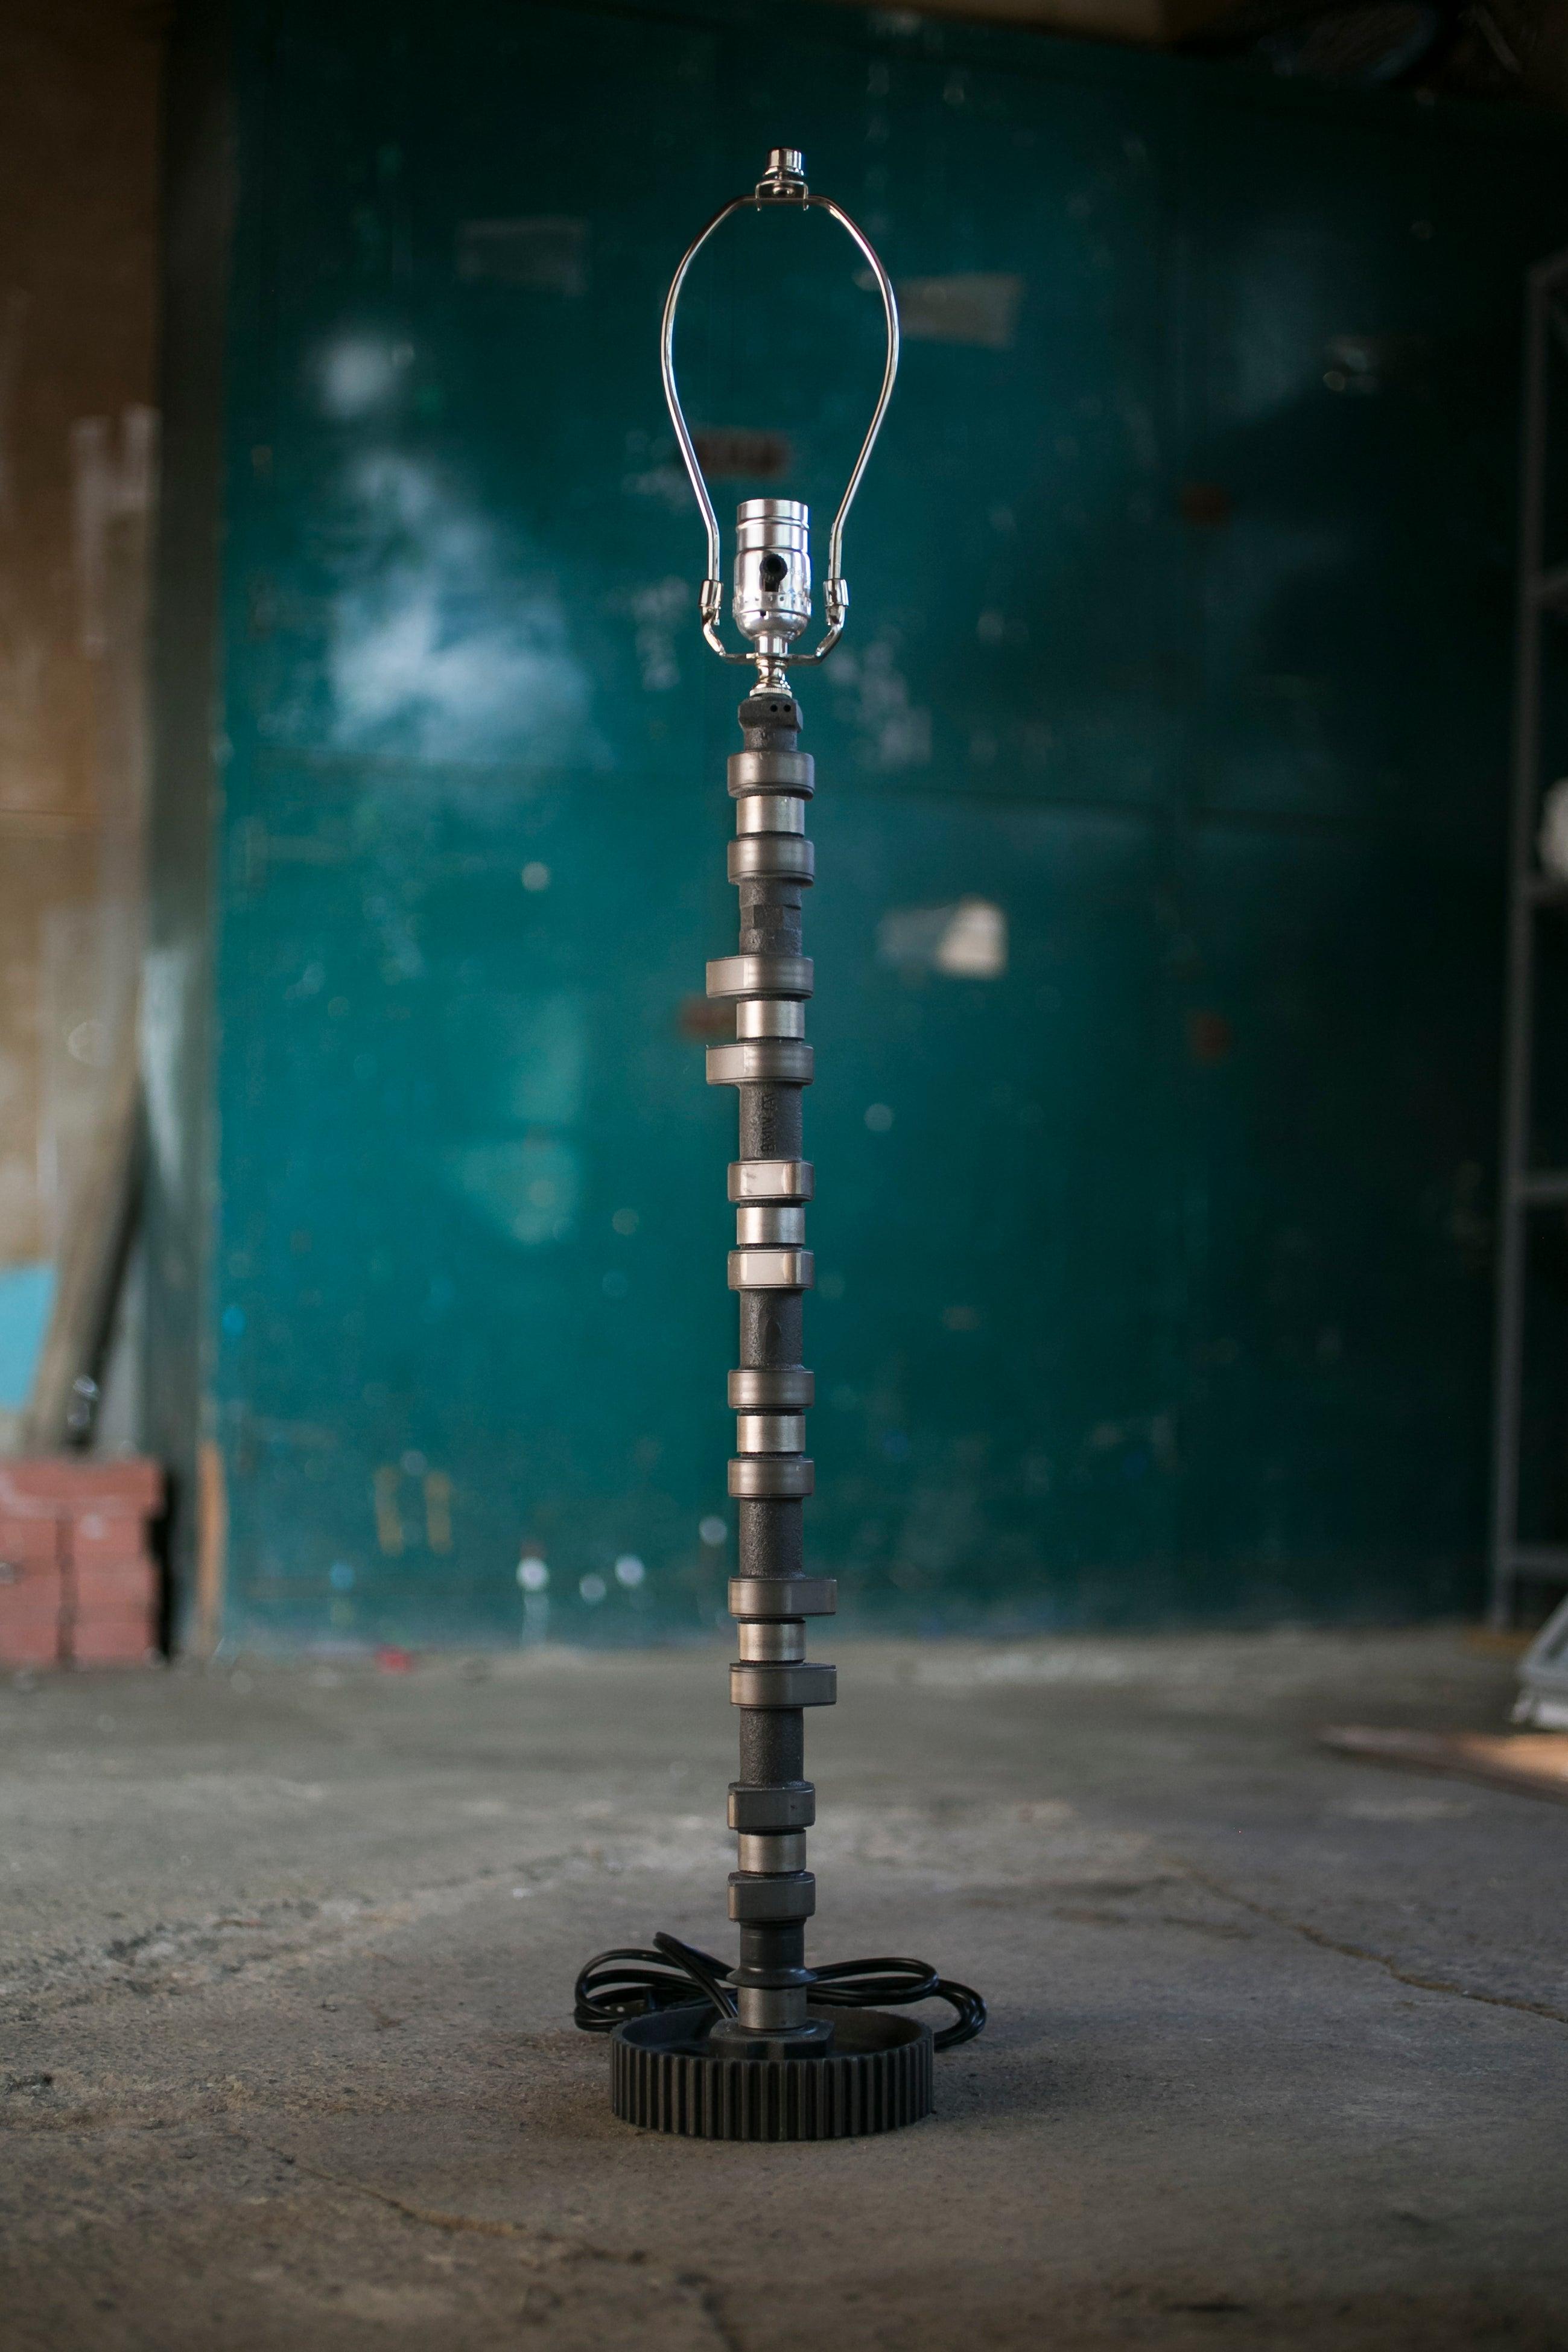 Camshaft Lamp